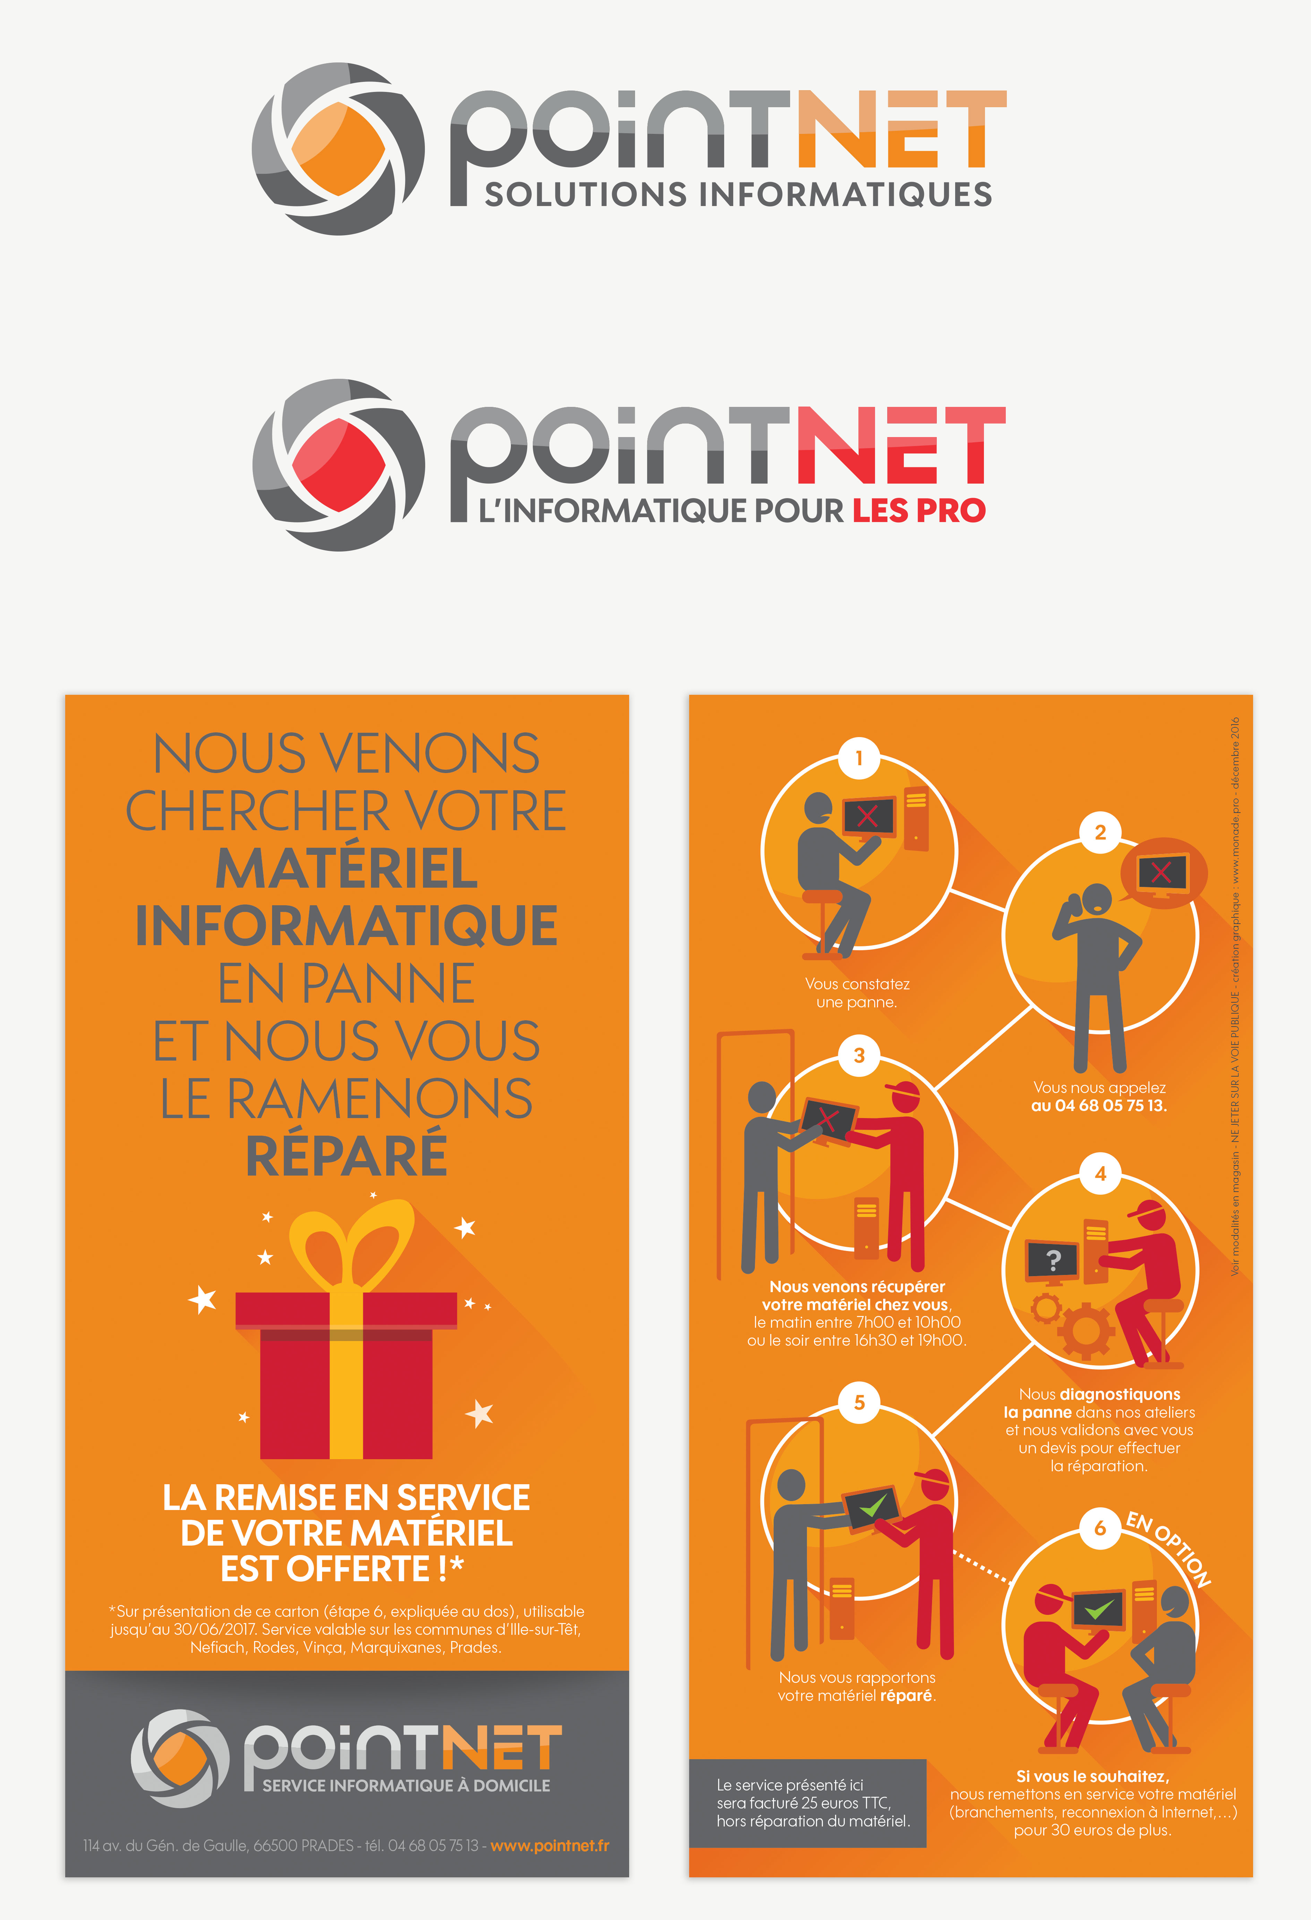 image-pointnet-01.jpg